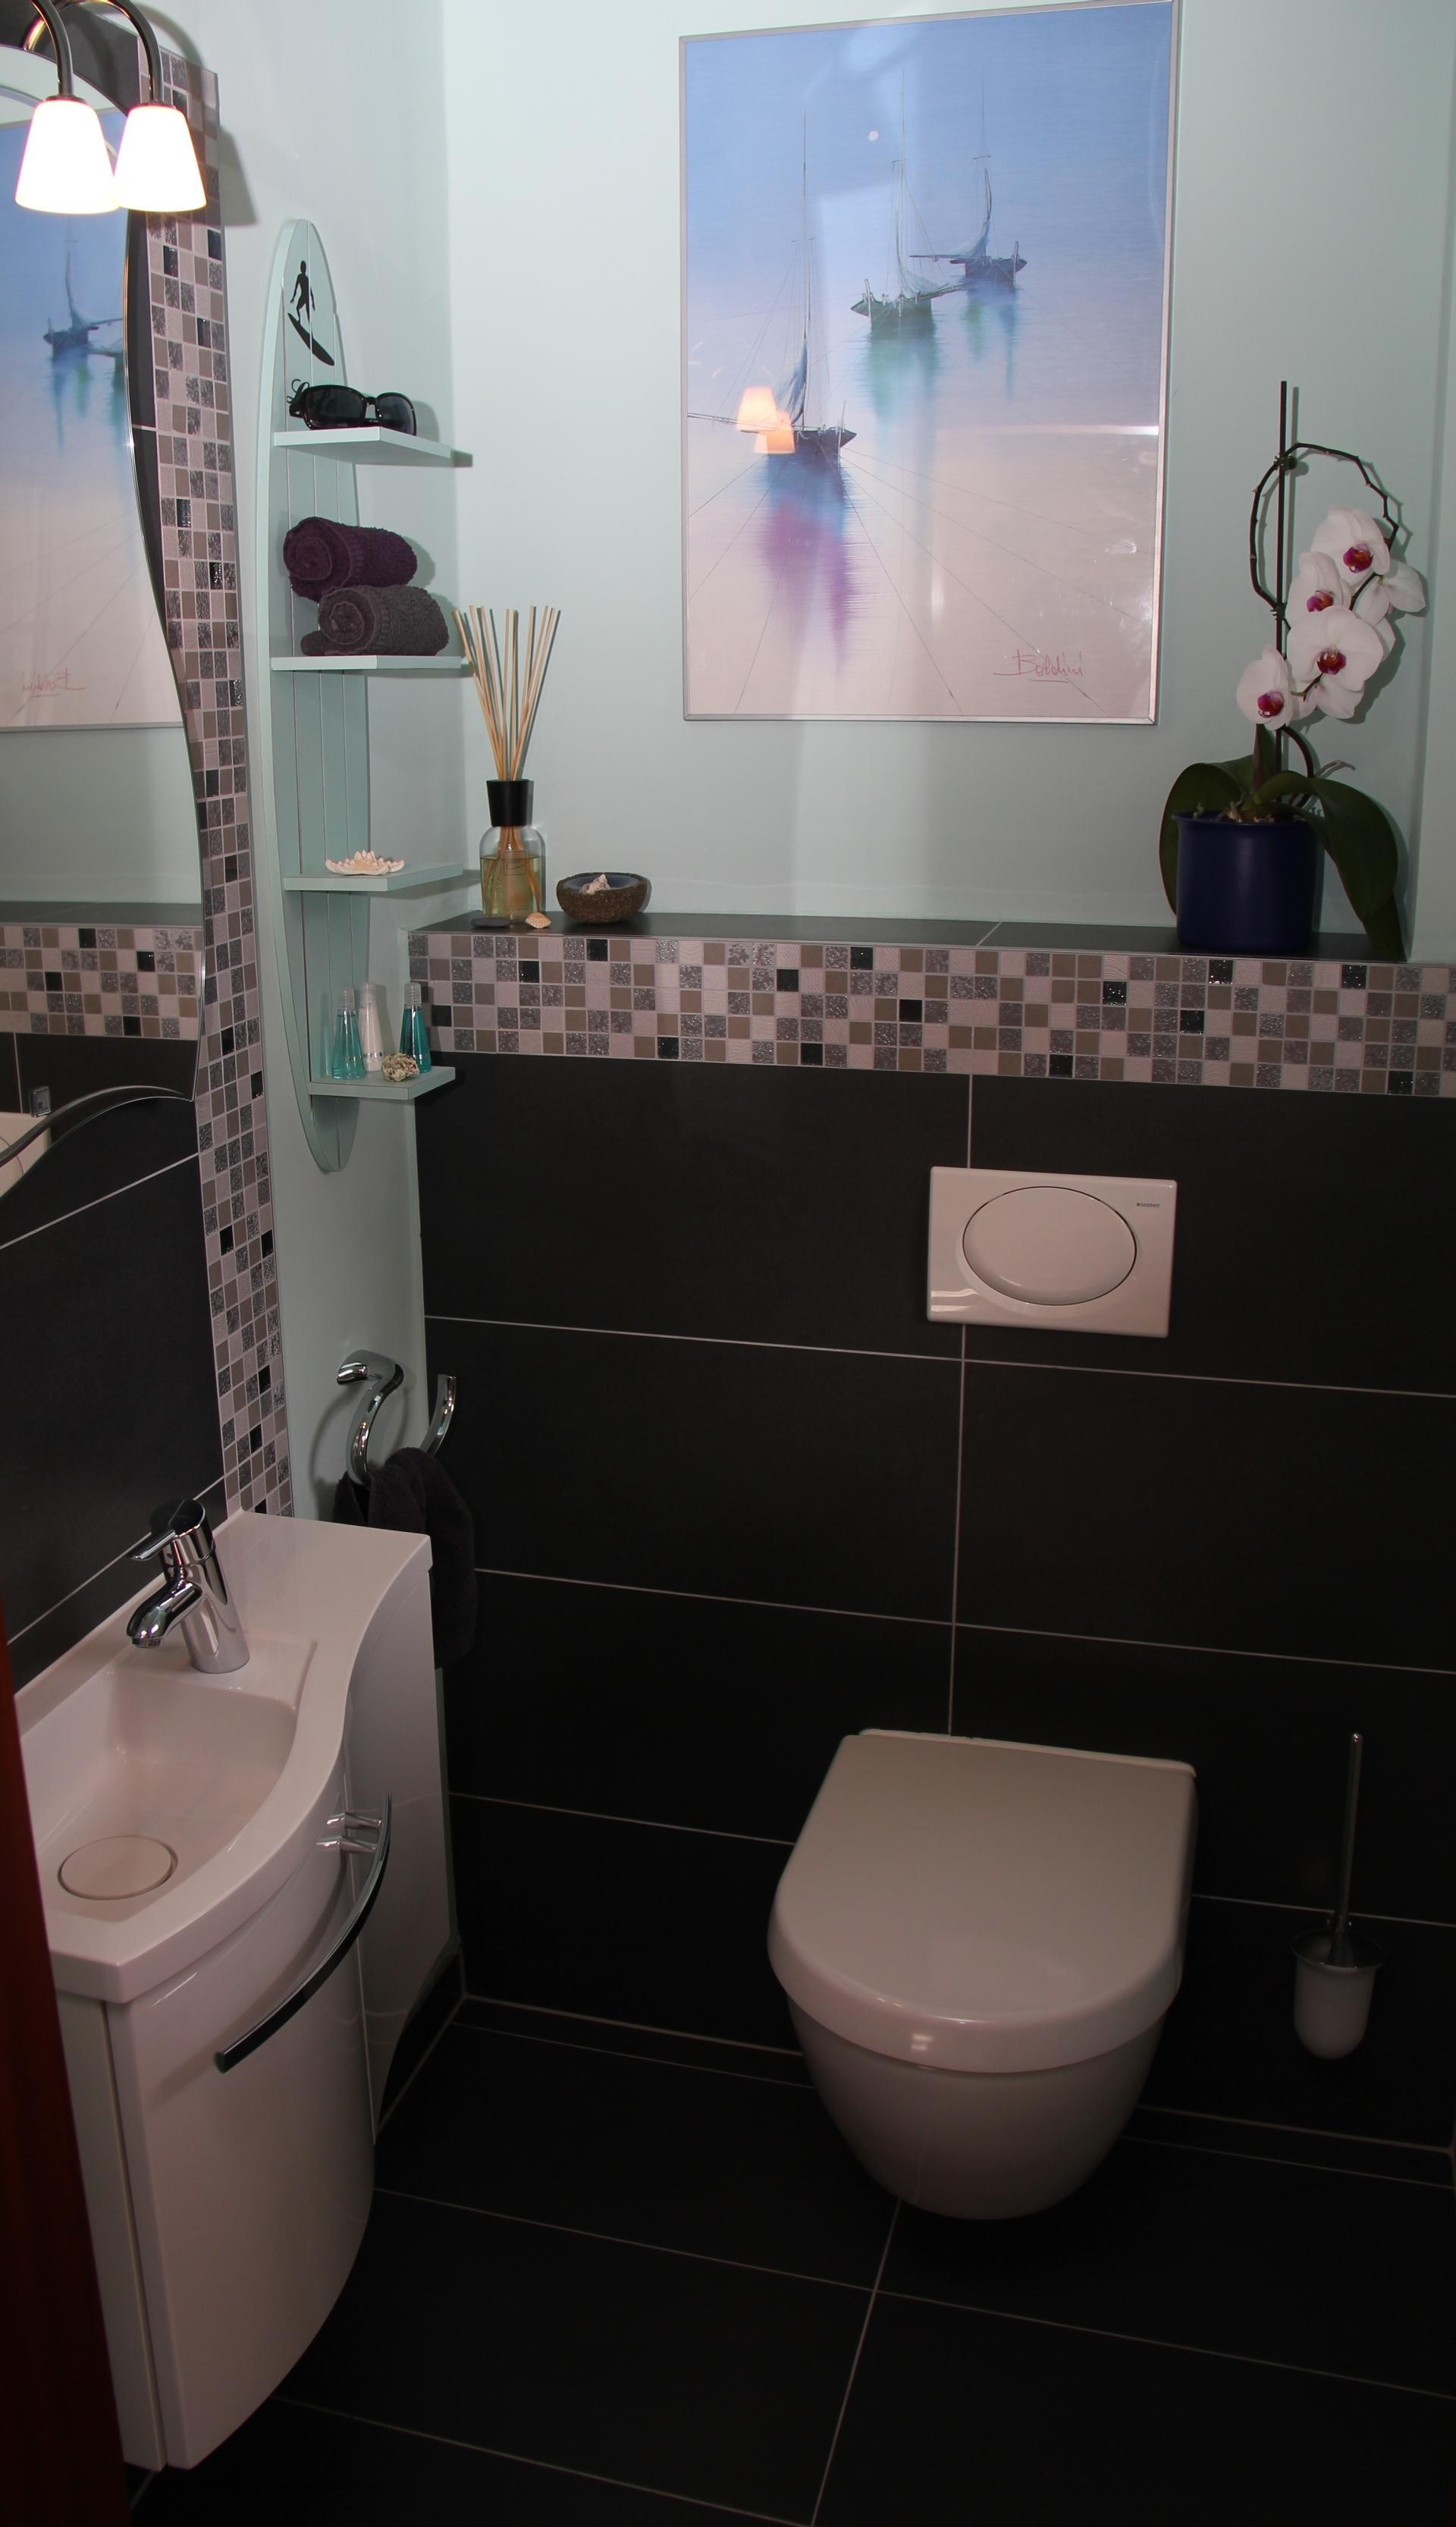 mosaikfliesen bilder ideen couchstyle. Black Bedroom Furniture Sets. Home Design Ideas